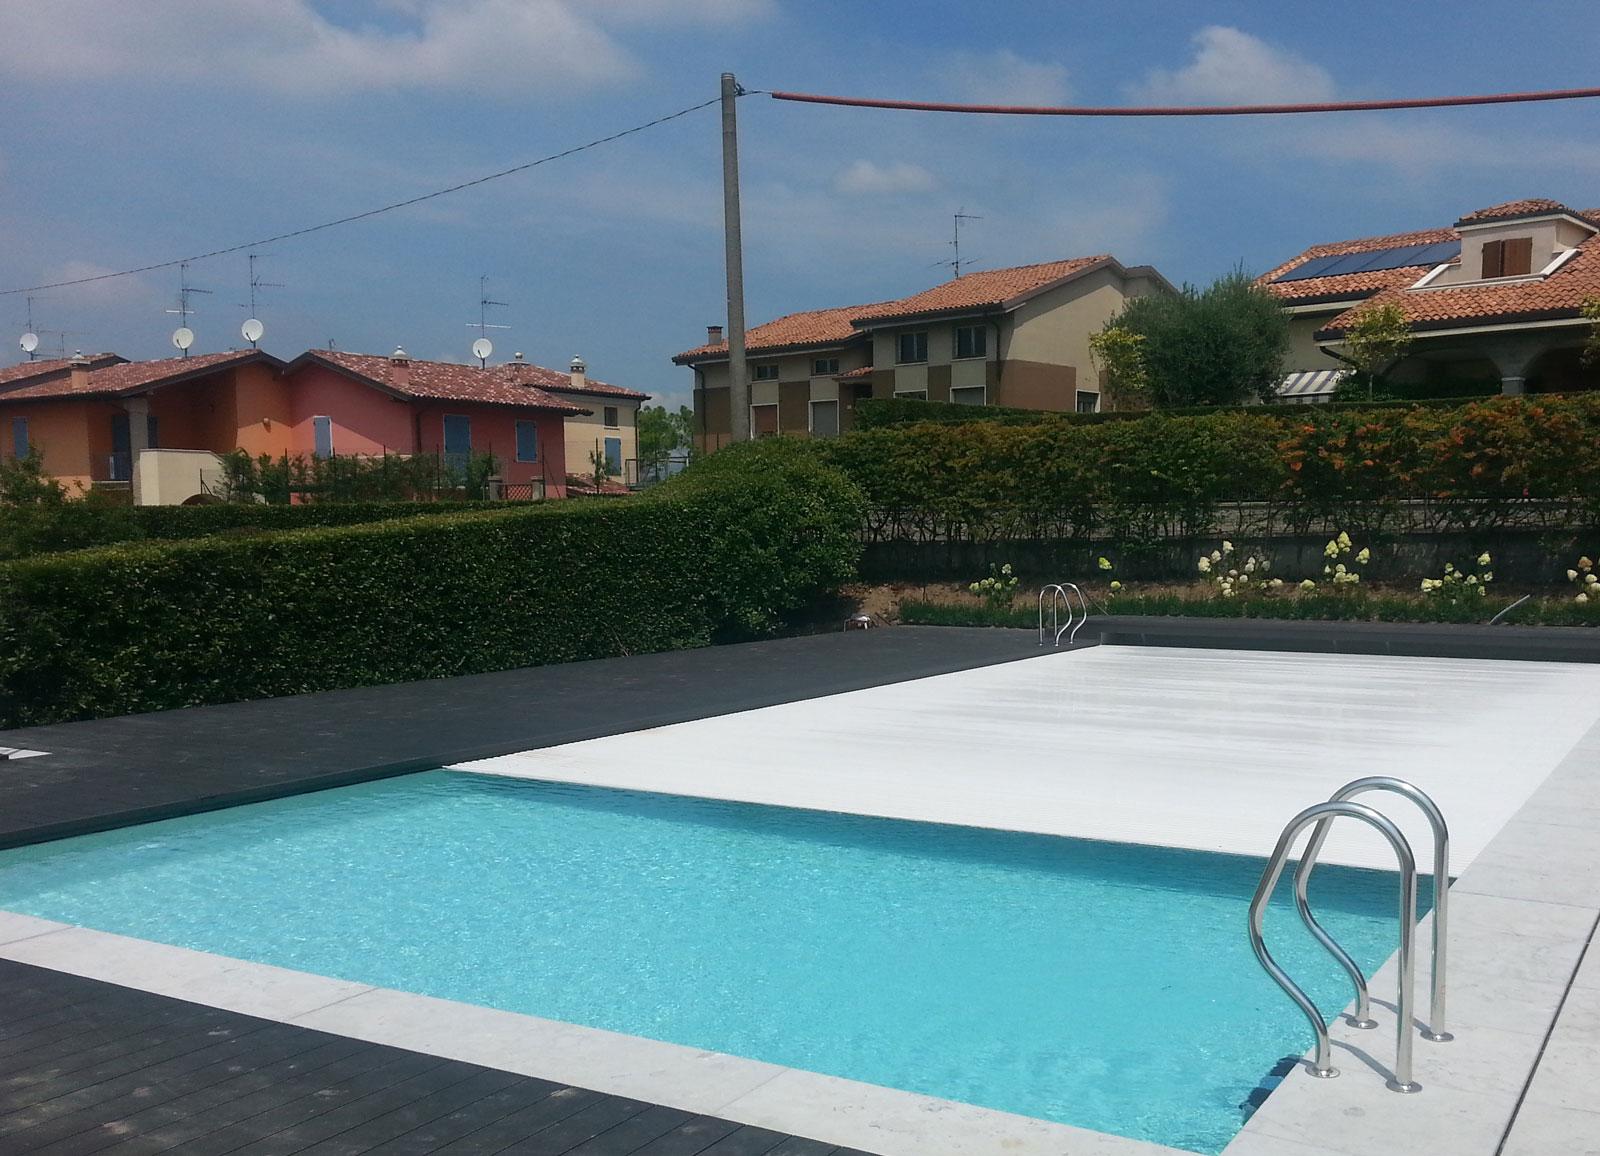 Cbs group manutenzione piscine - Subito it piscine ...